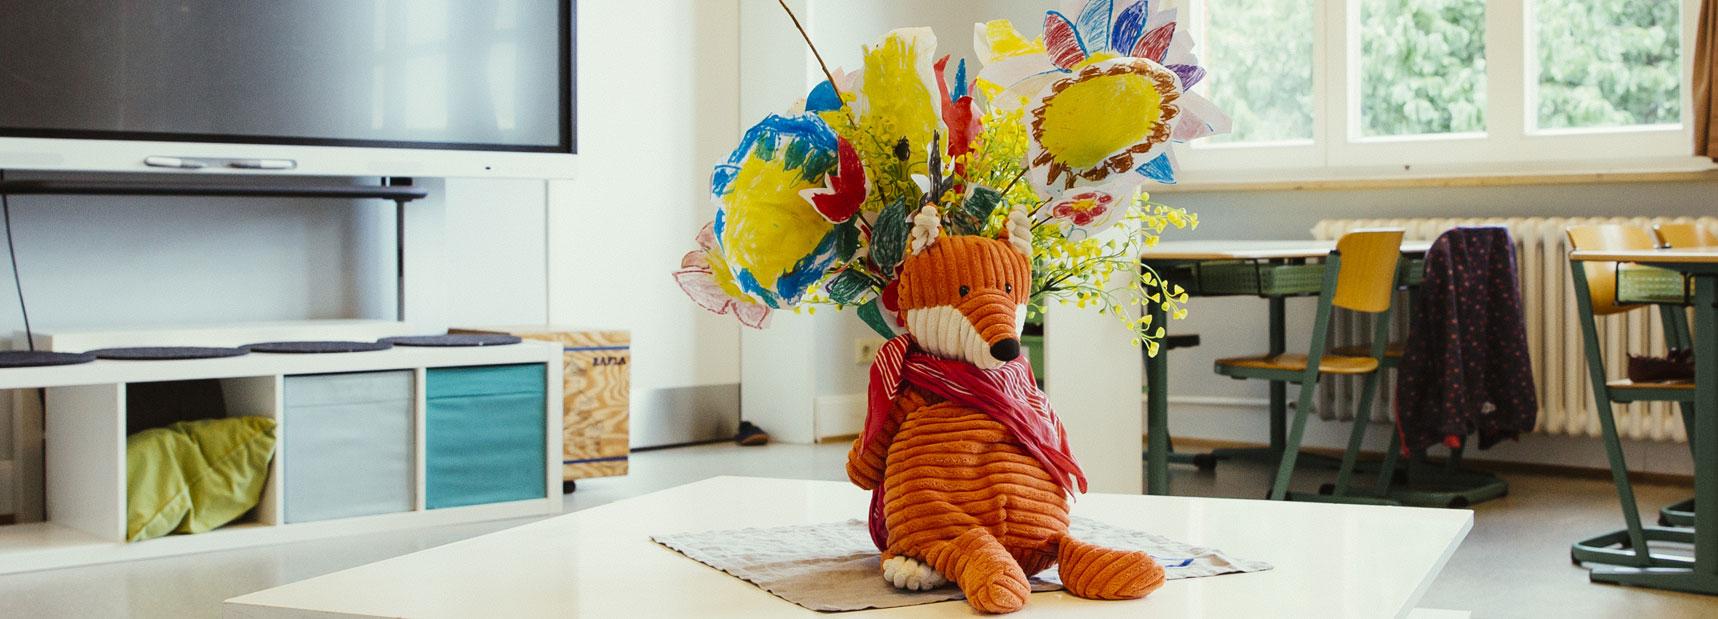 Ein kuscheliger Fuchs aus Stoff sitzt auf einem kleinen Tisch in einem Klassenzimmer und lehnt sich an eine Vase mit bunten Blumen.